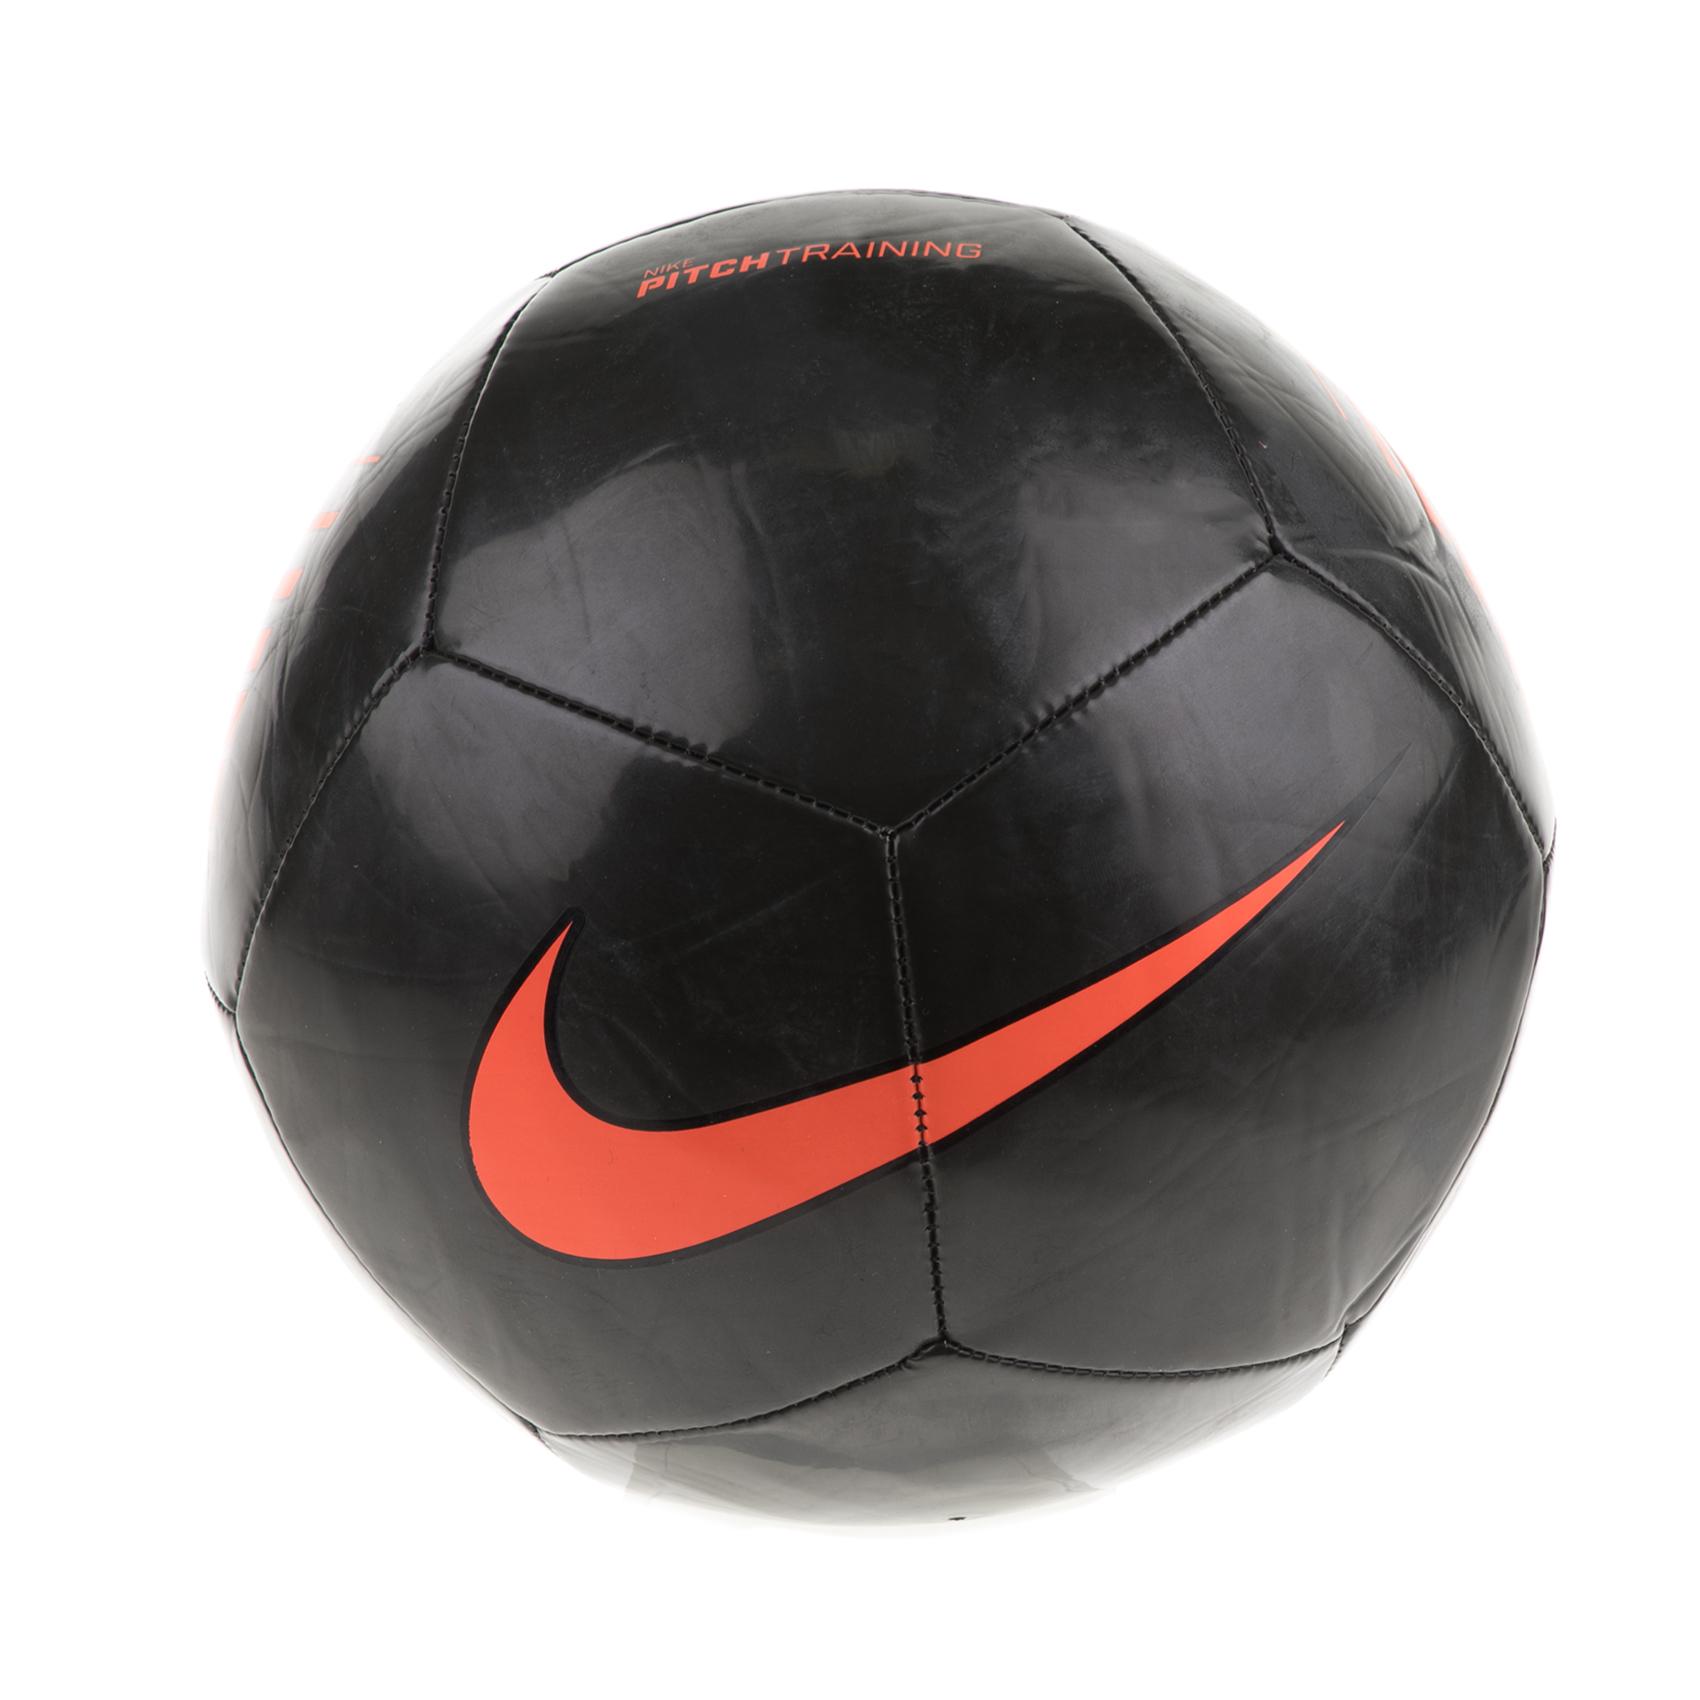 NIKE – Μπάλα ποδοσφαίρου Nike PTCH TRAIN μαύρη